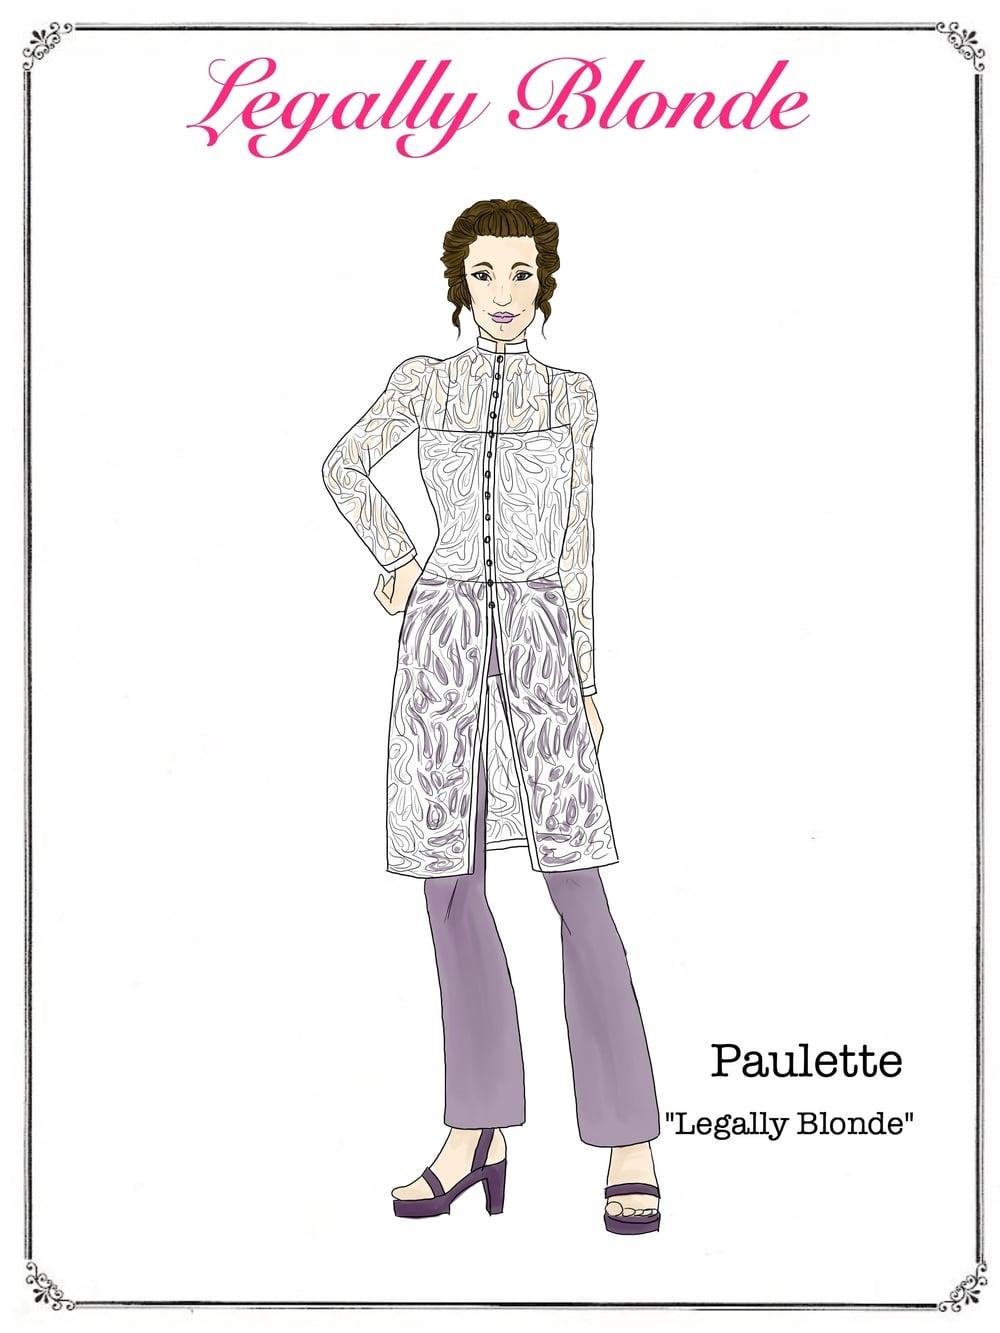 LB_Paulette2.jpg